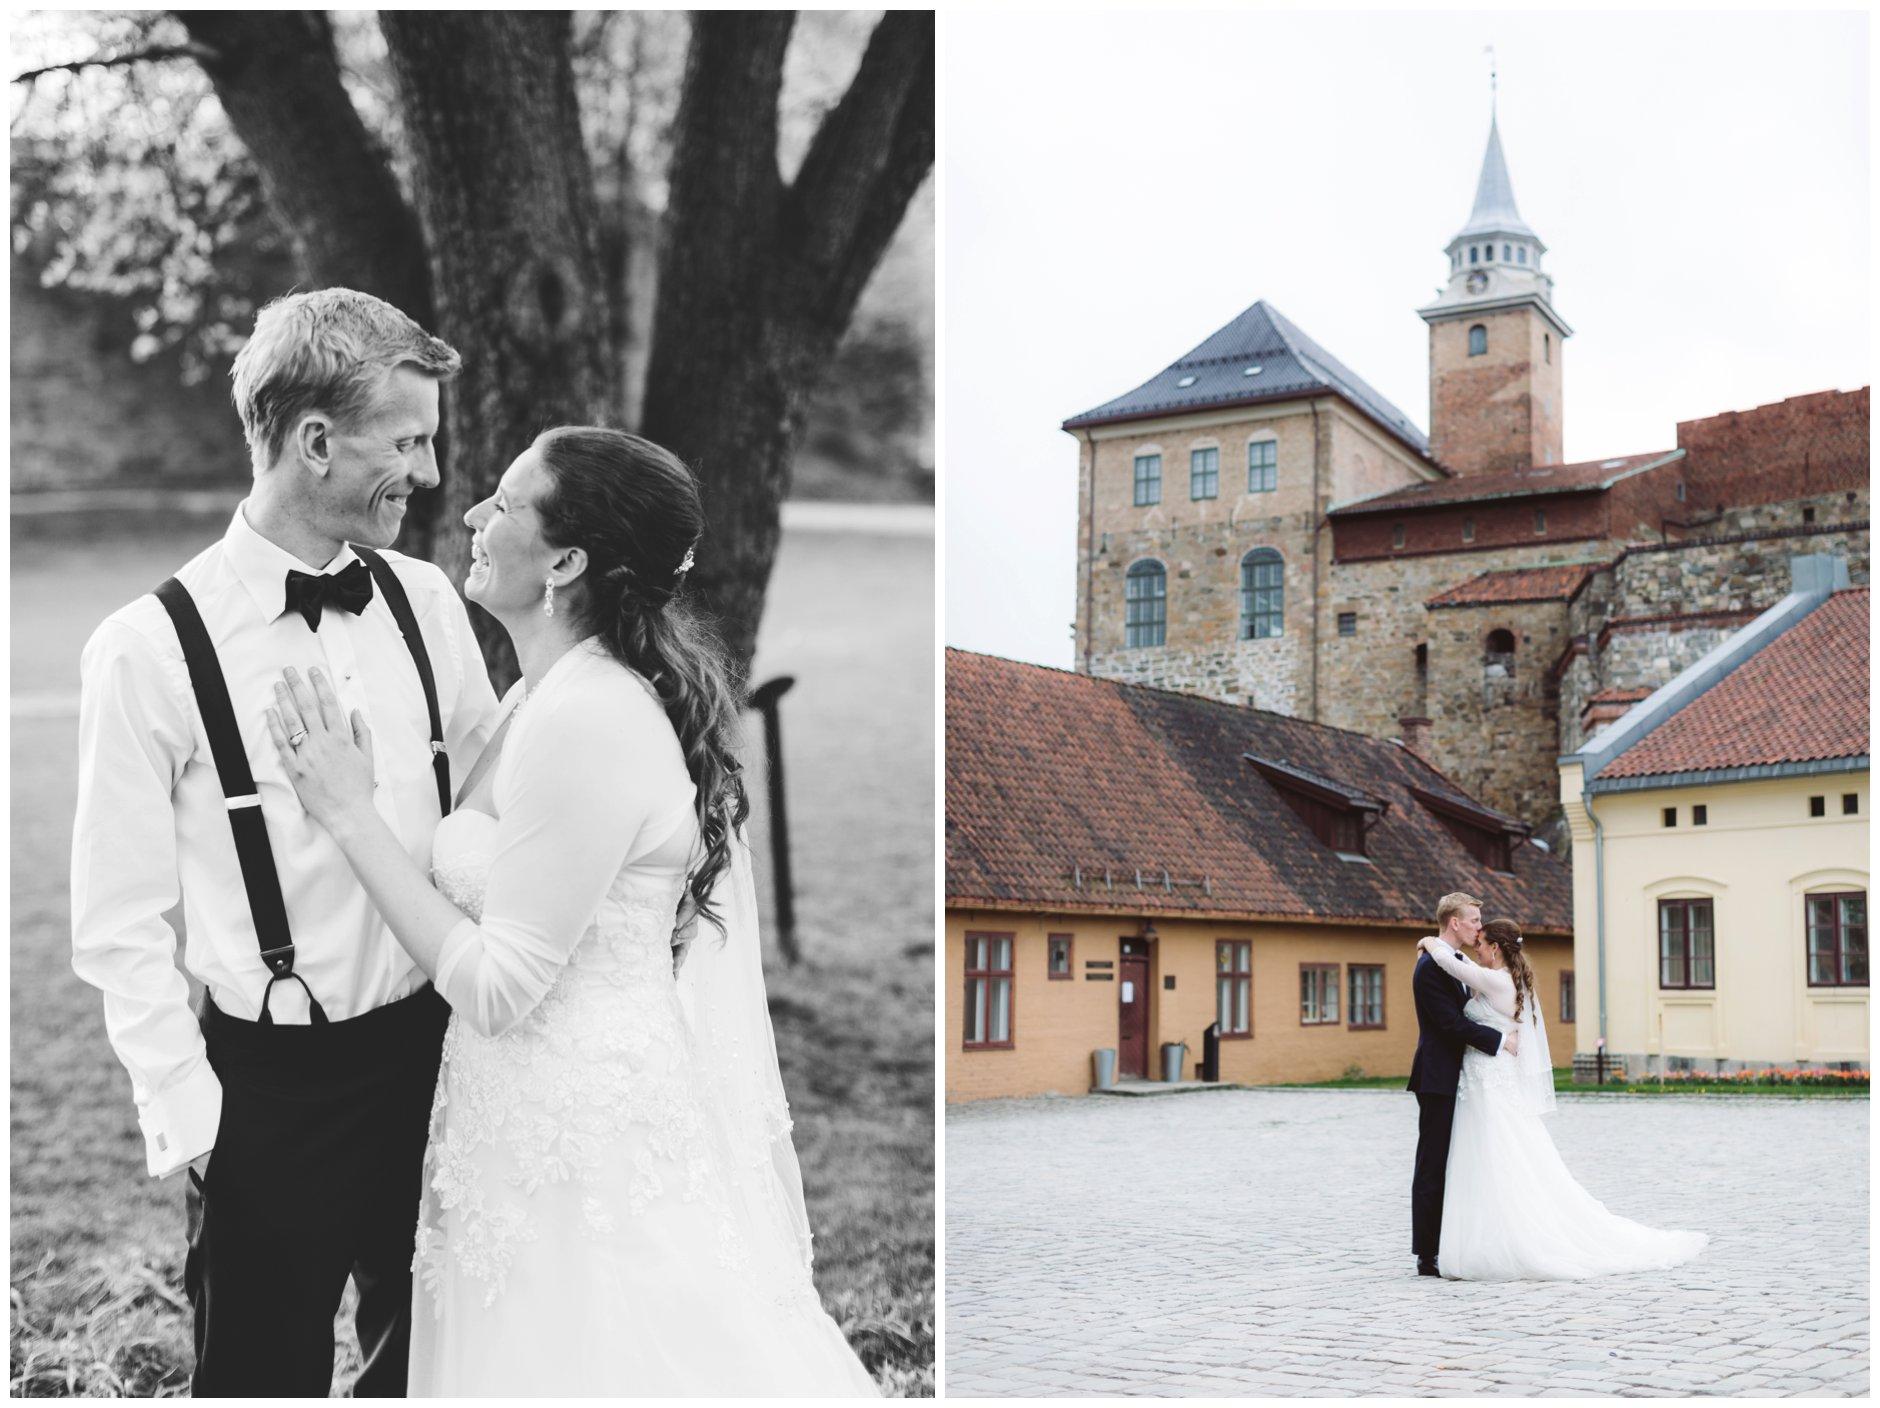 Fotograf-Eline-Jacobine-Bryllup-Gamle-Logen-Akershus-Festning_0002